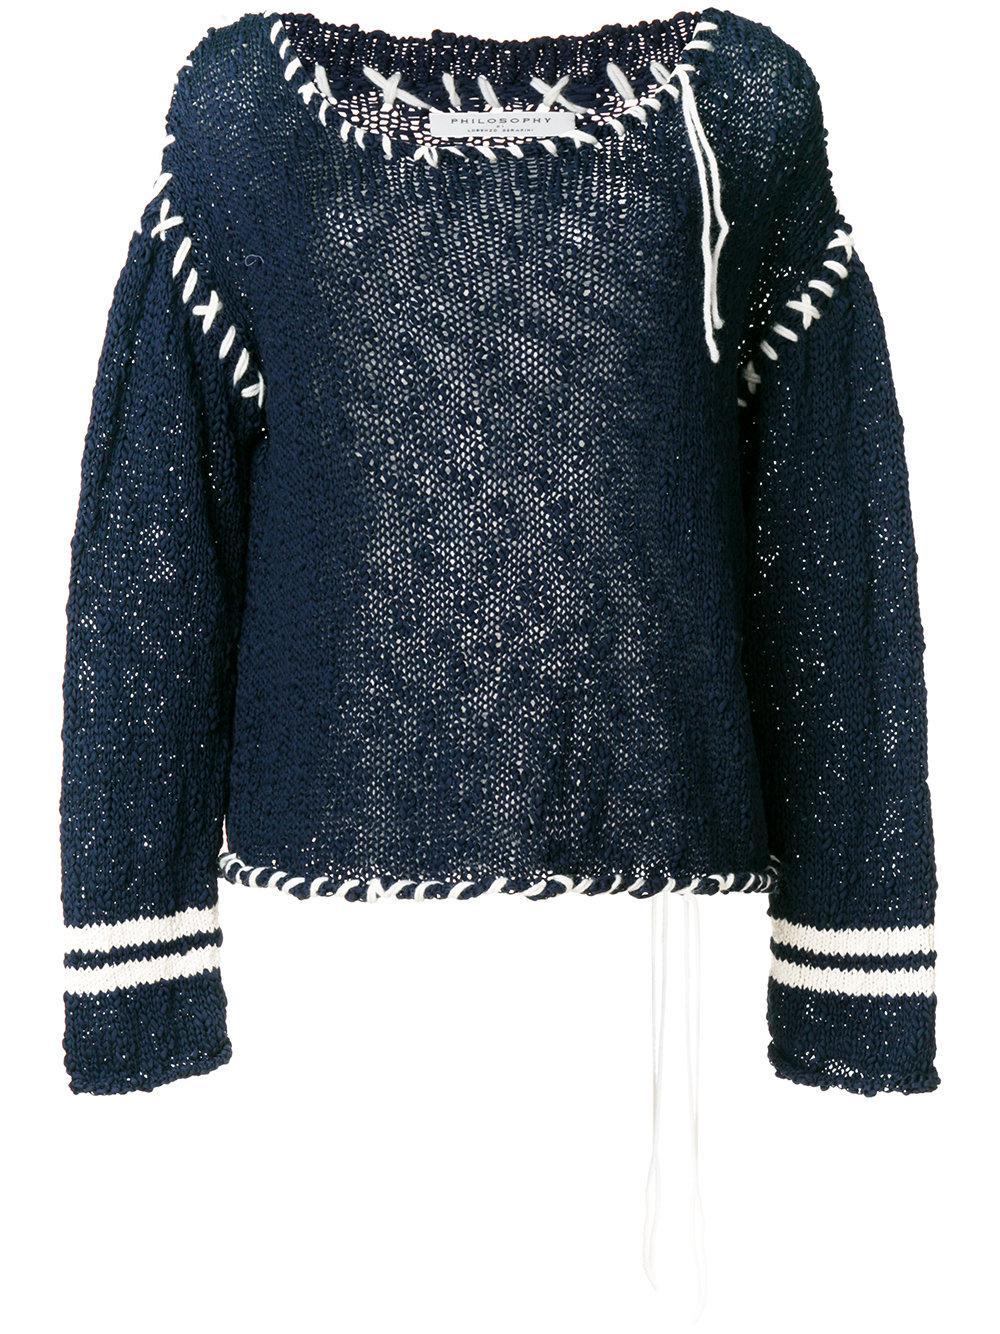 Philosophy Di Lorenzo Serafini Contrast Stitch Sweater - Blue